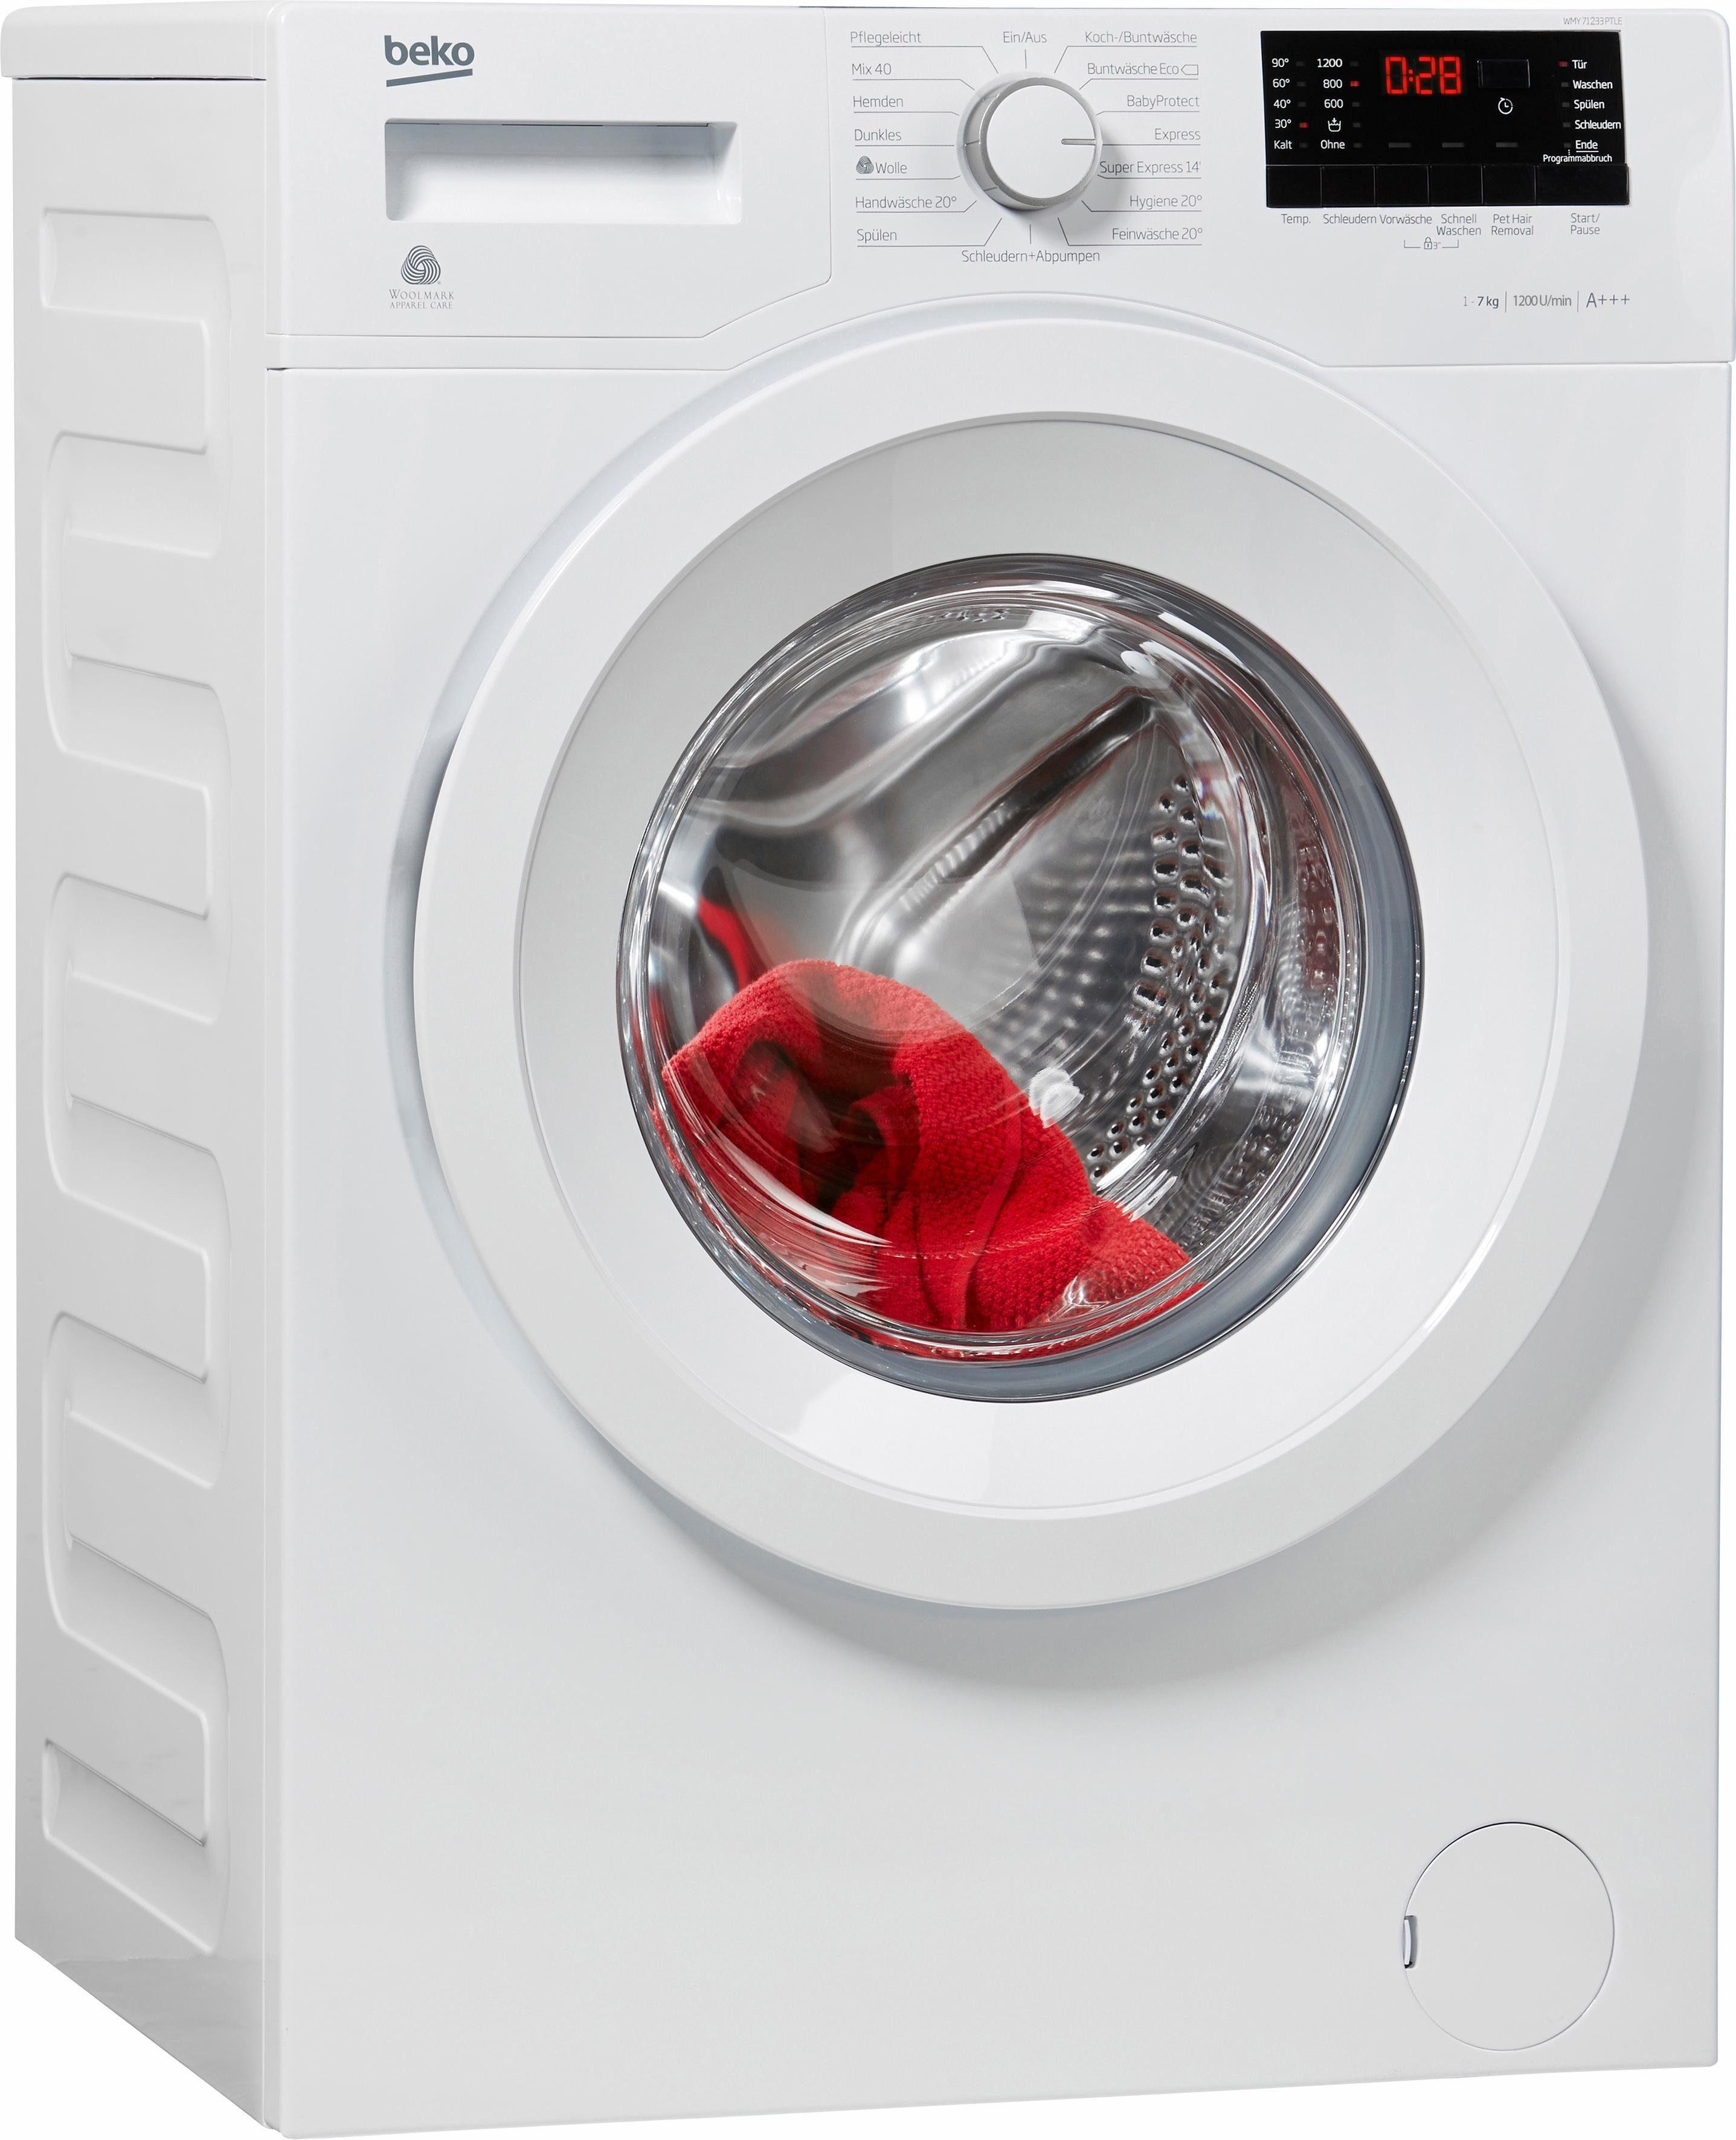 BEKO Waschmaschine WMY 71233 PTLE, A+++, 7 kg, 1200 U/Min